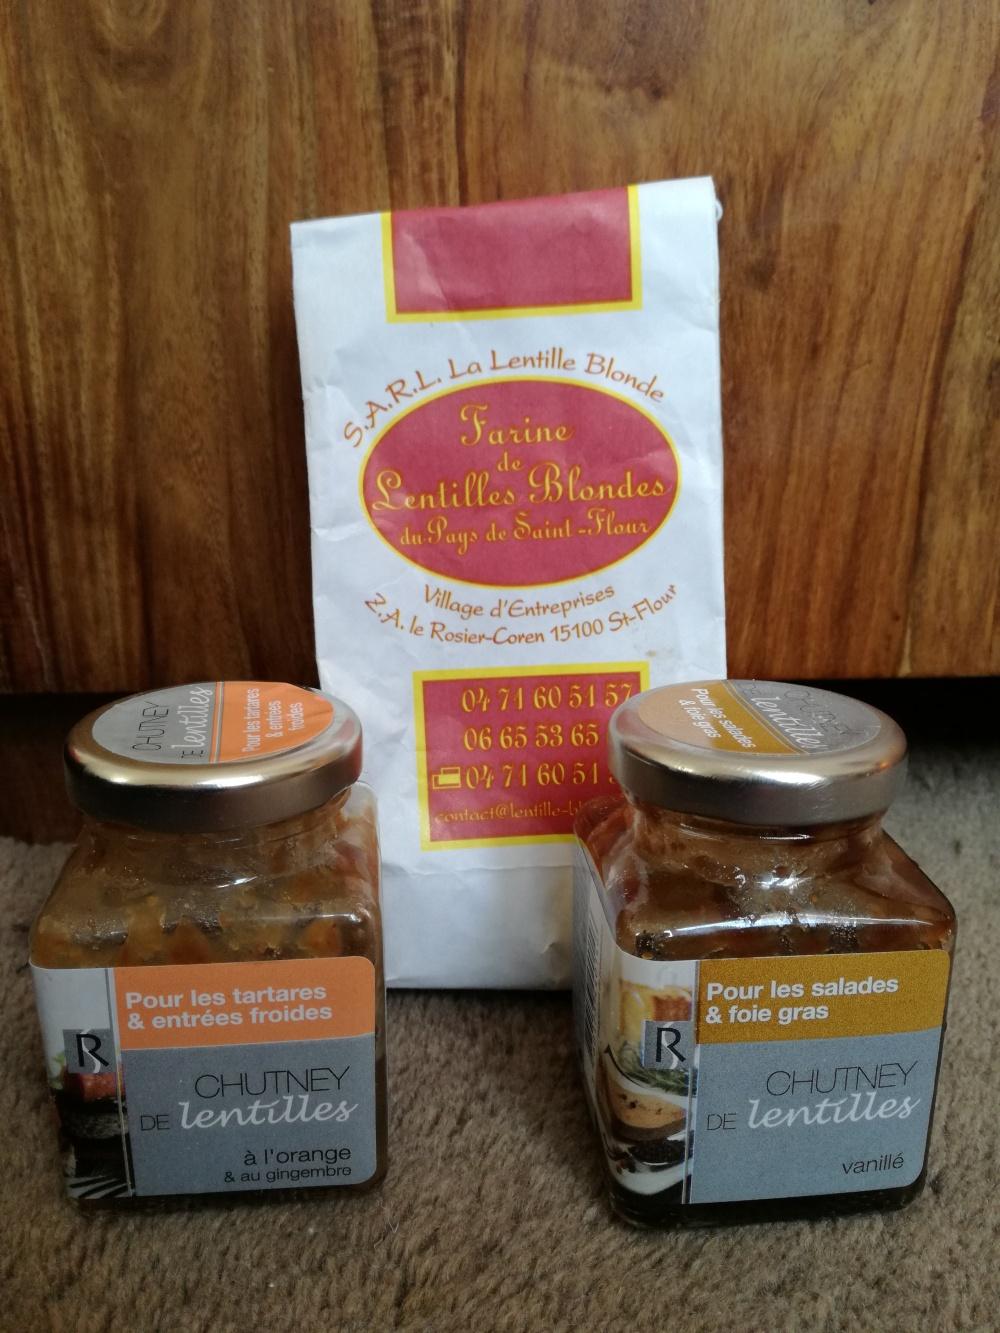 Farine de lentilles Blondes de saint-Flour, chutney de lentilles vertes du Puy